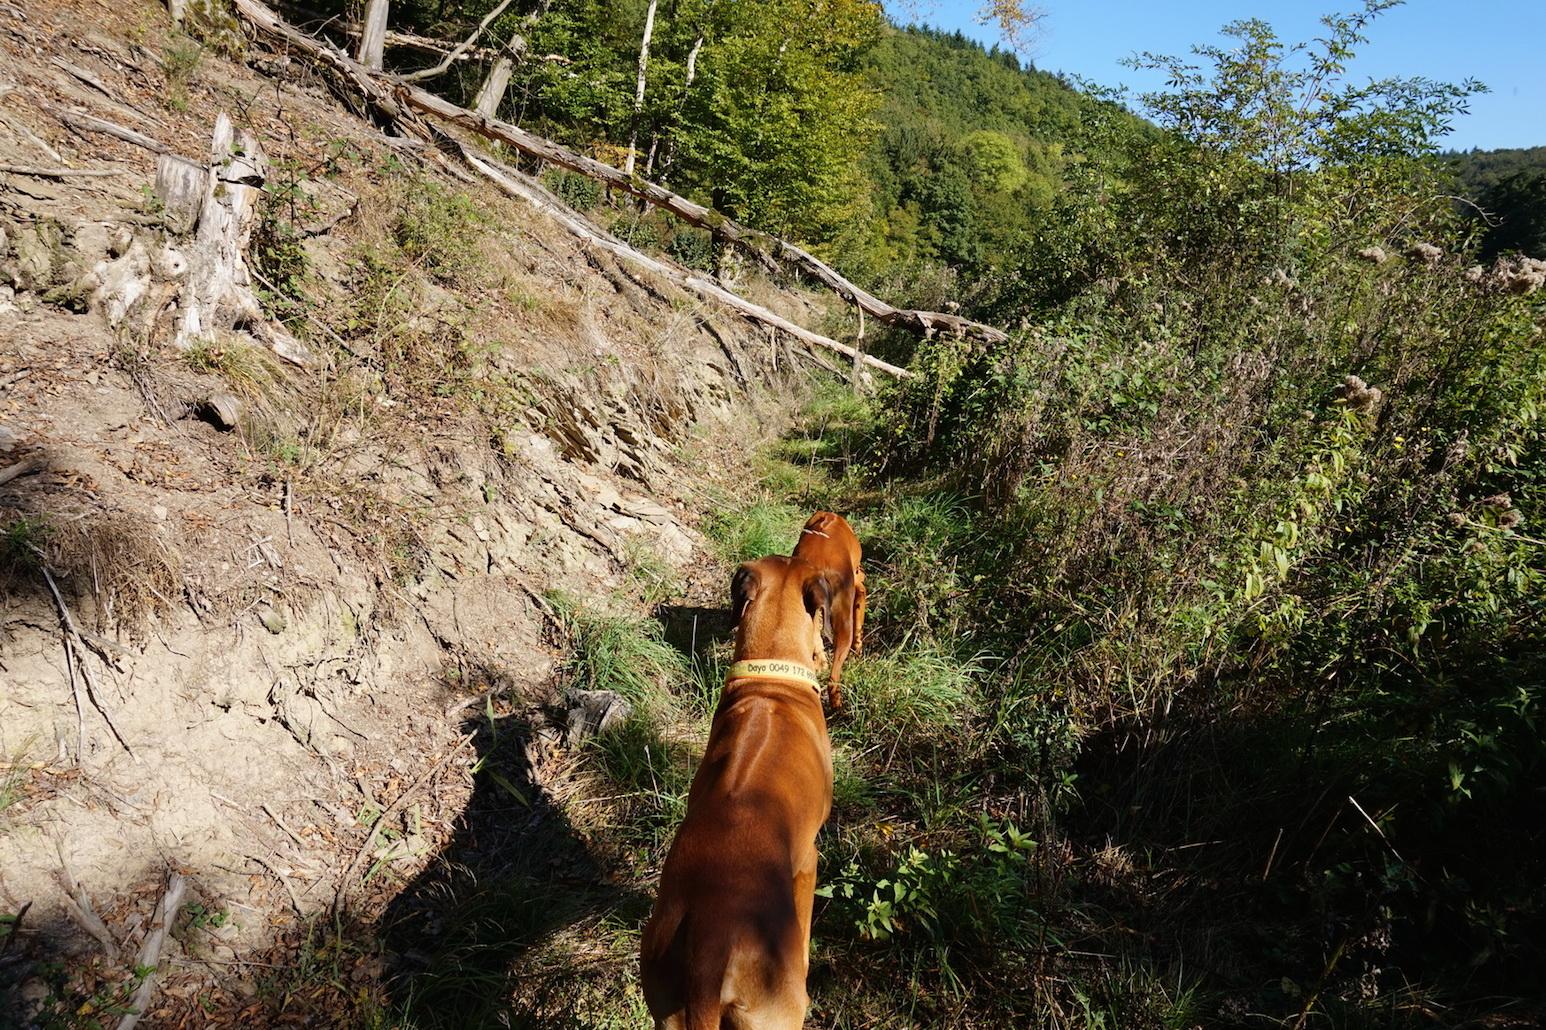 Als wir auf dem Wanderweg nicht weiterkommen, drehen wir um und gehen zurück nach Niedererbach